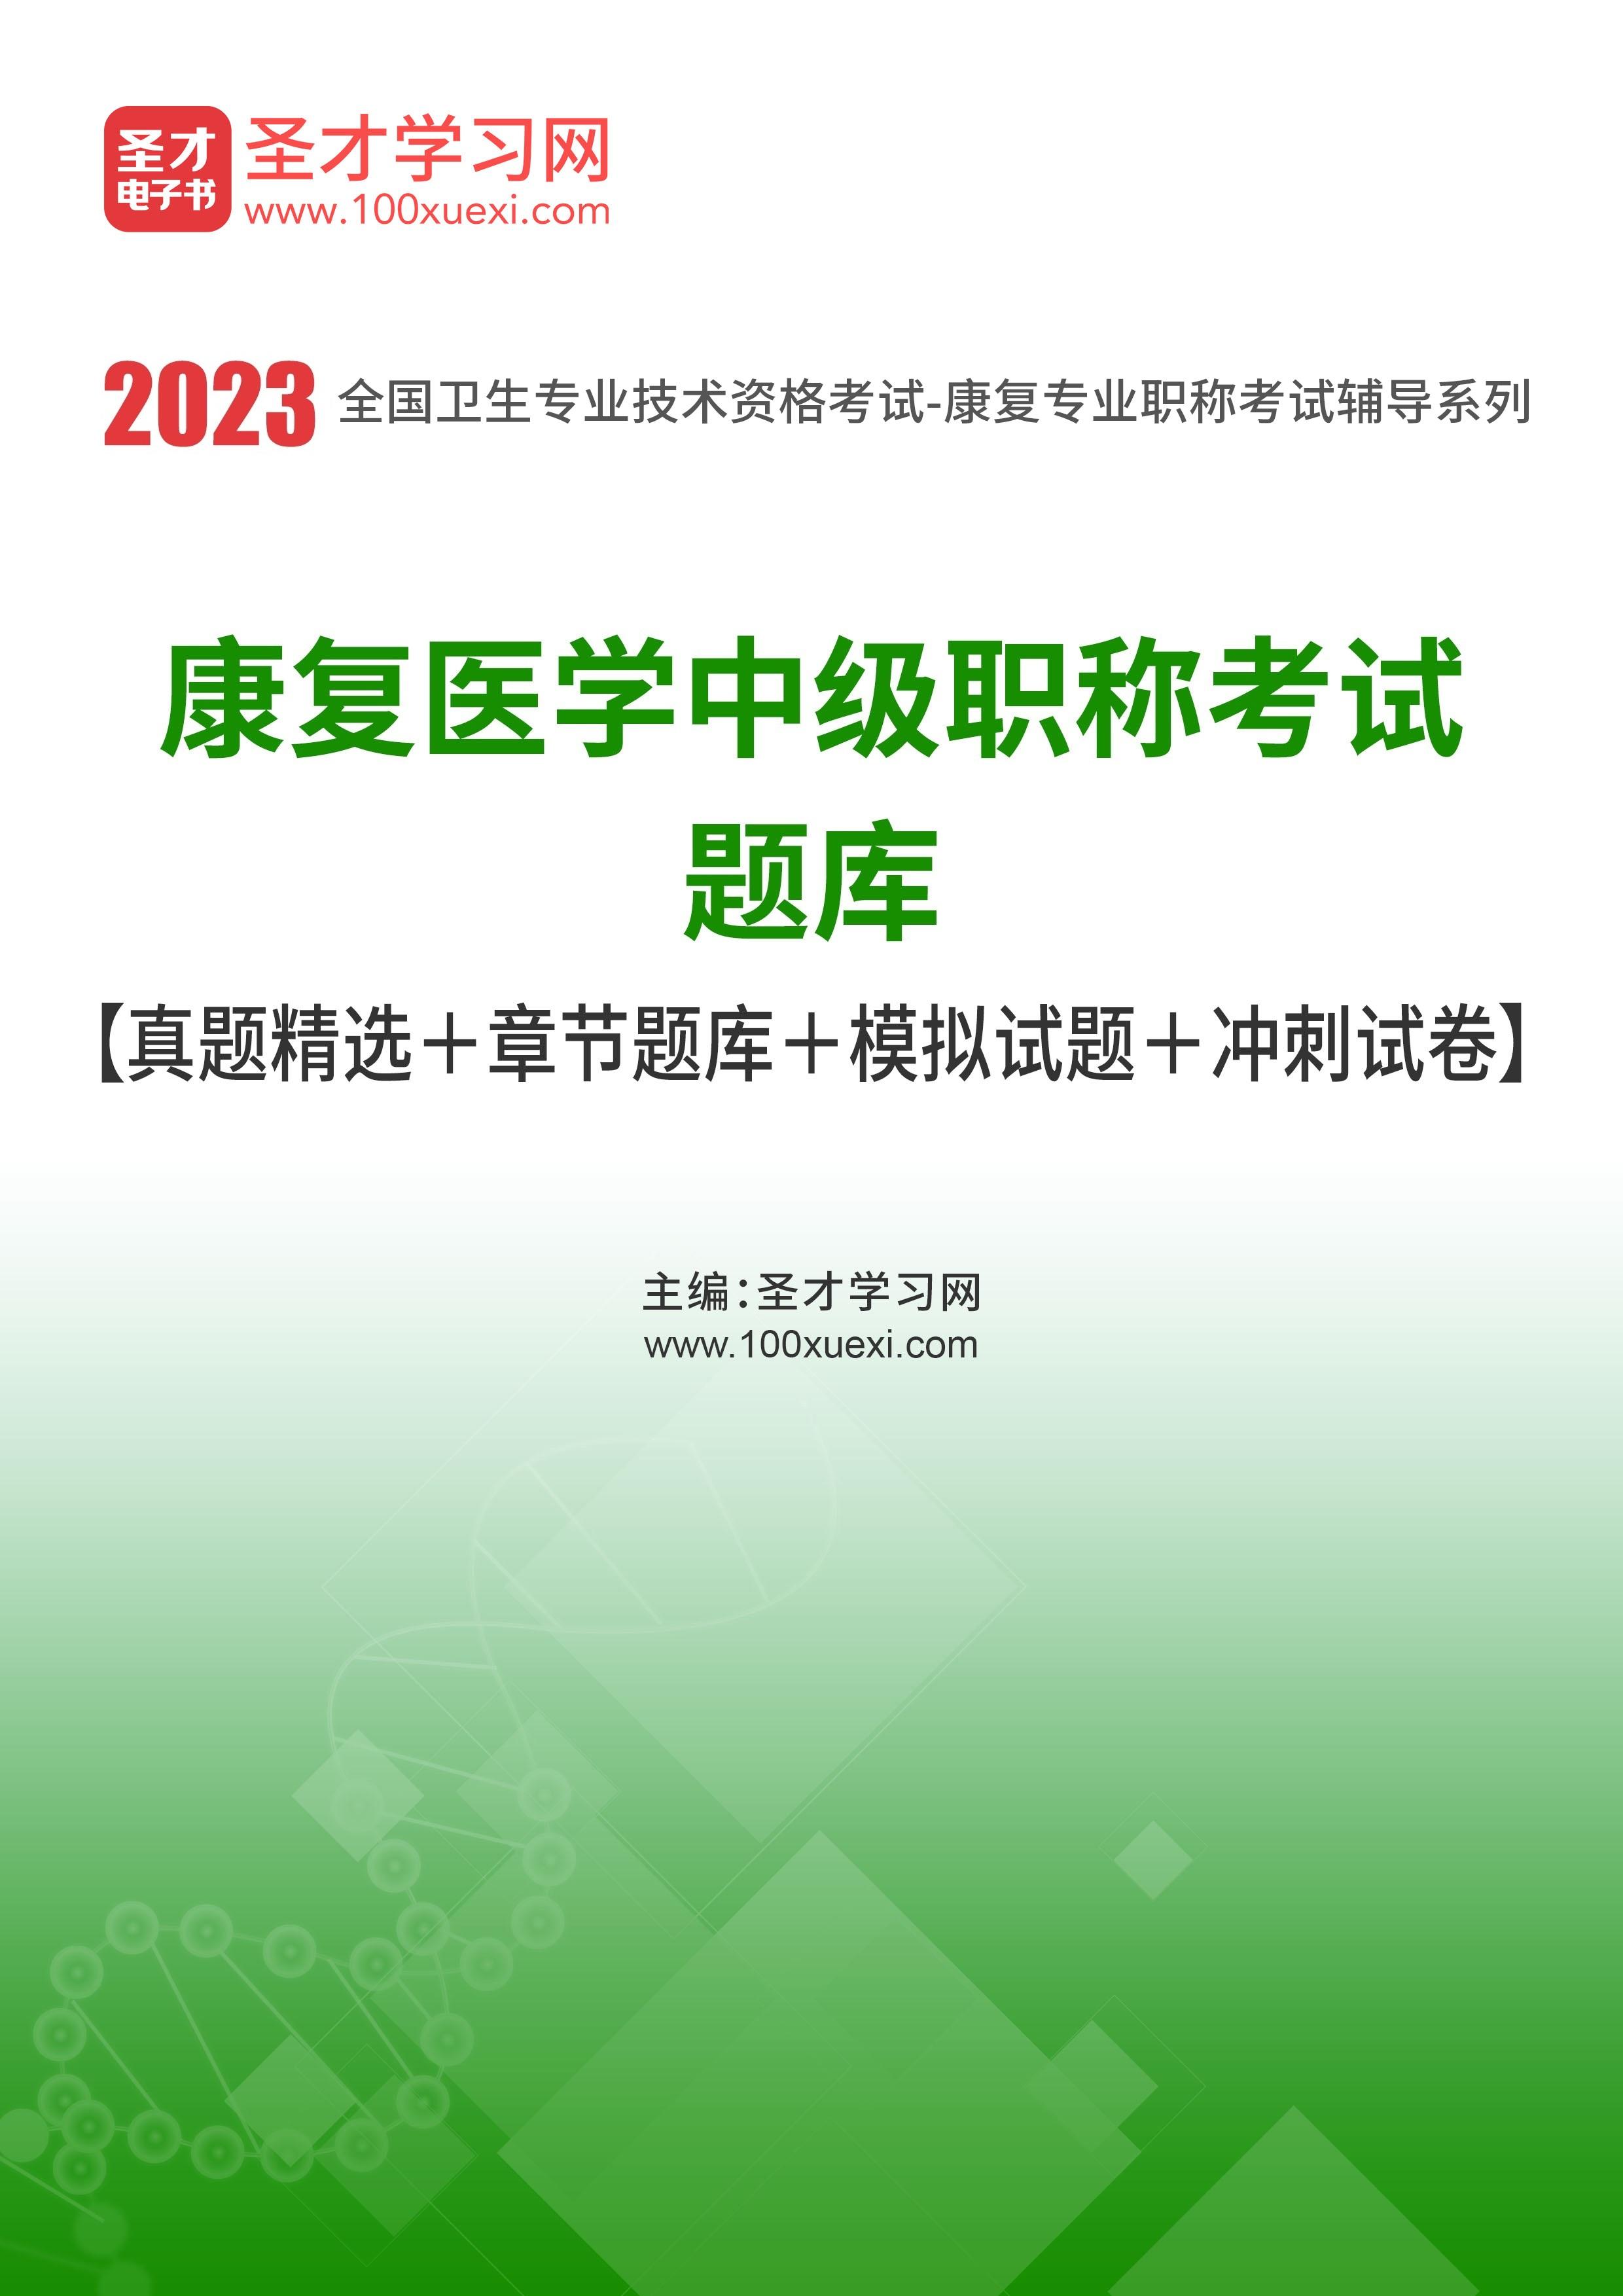 2022年康复医学中级职称考试题库【真题精选+章节题库+模拟试题+冲刺试卷】